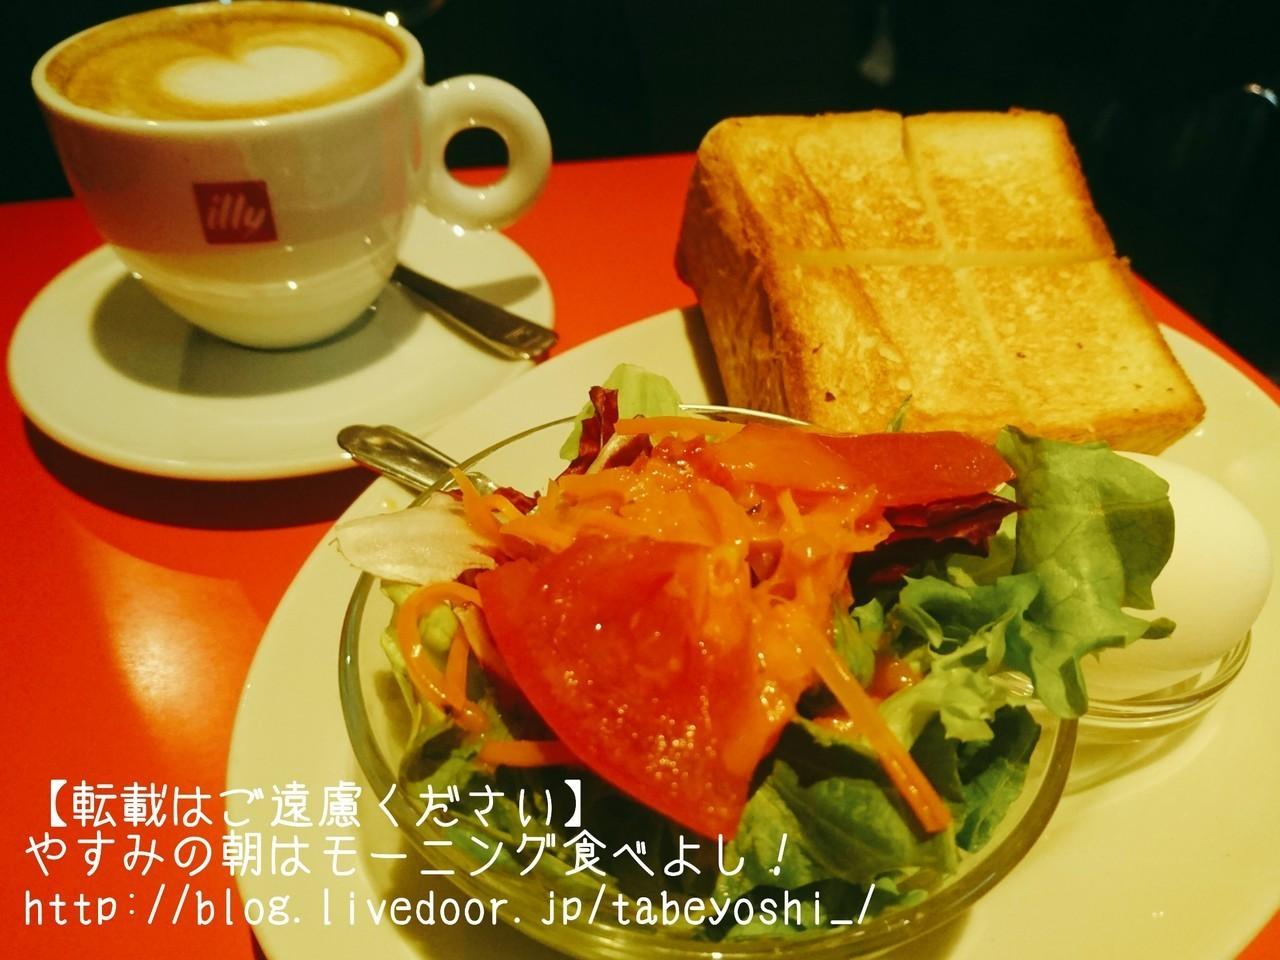 京都站的『Espressamente illy(エスプレッサメンテ イリー)』是個國際化的早餐景點!